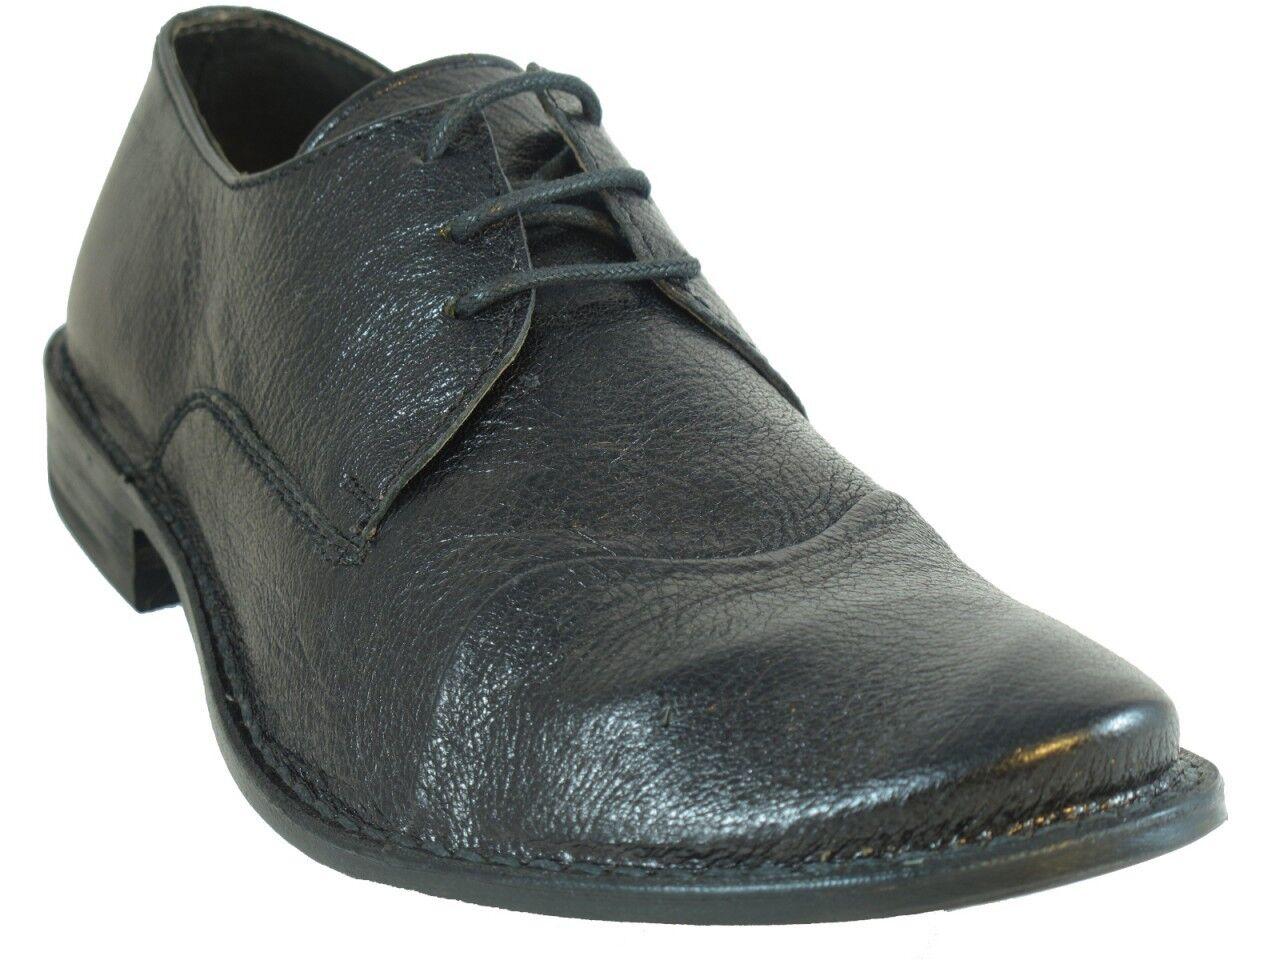 Men's Italian Davinci Informal Cuero Con Cordones Zapatos 8129